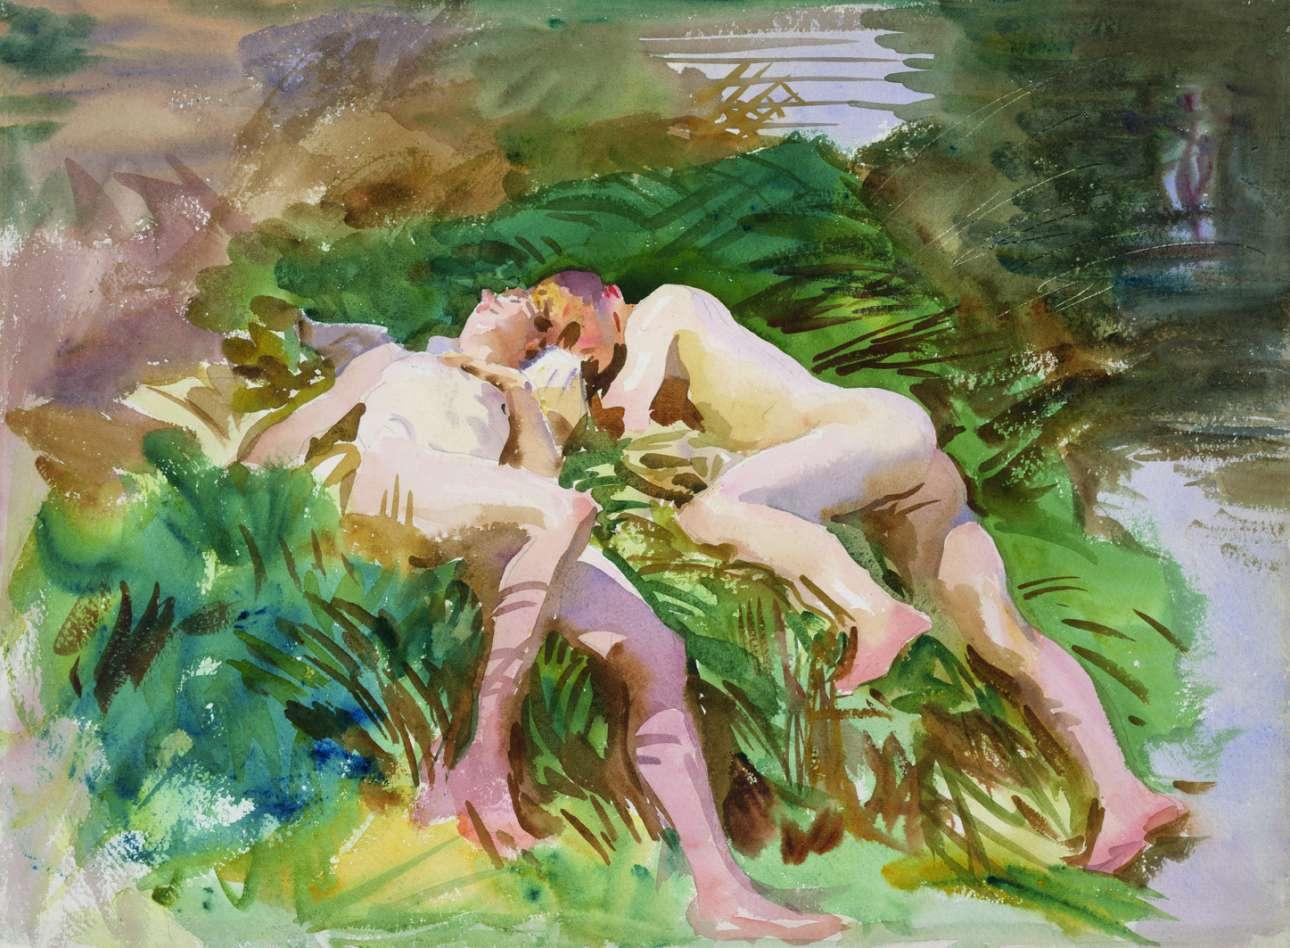 John Singer Sargent, «Tommies Bathing», 1918. Το καλοκαίρι του 1918, ο Σάρτζεντ ταξίδεψε στο Σομ της Γαλλίας κατά τη διάρκεια του Α΄Παγκοσμίου Πολέμου και ζωγράφισε βρετανούς στρατιώτες να κάνουν μπάνιο